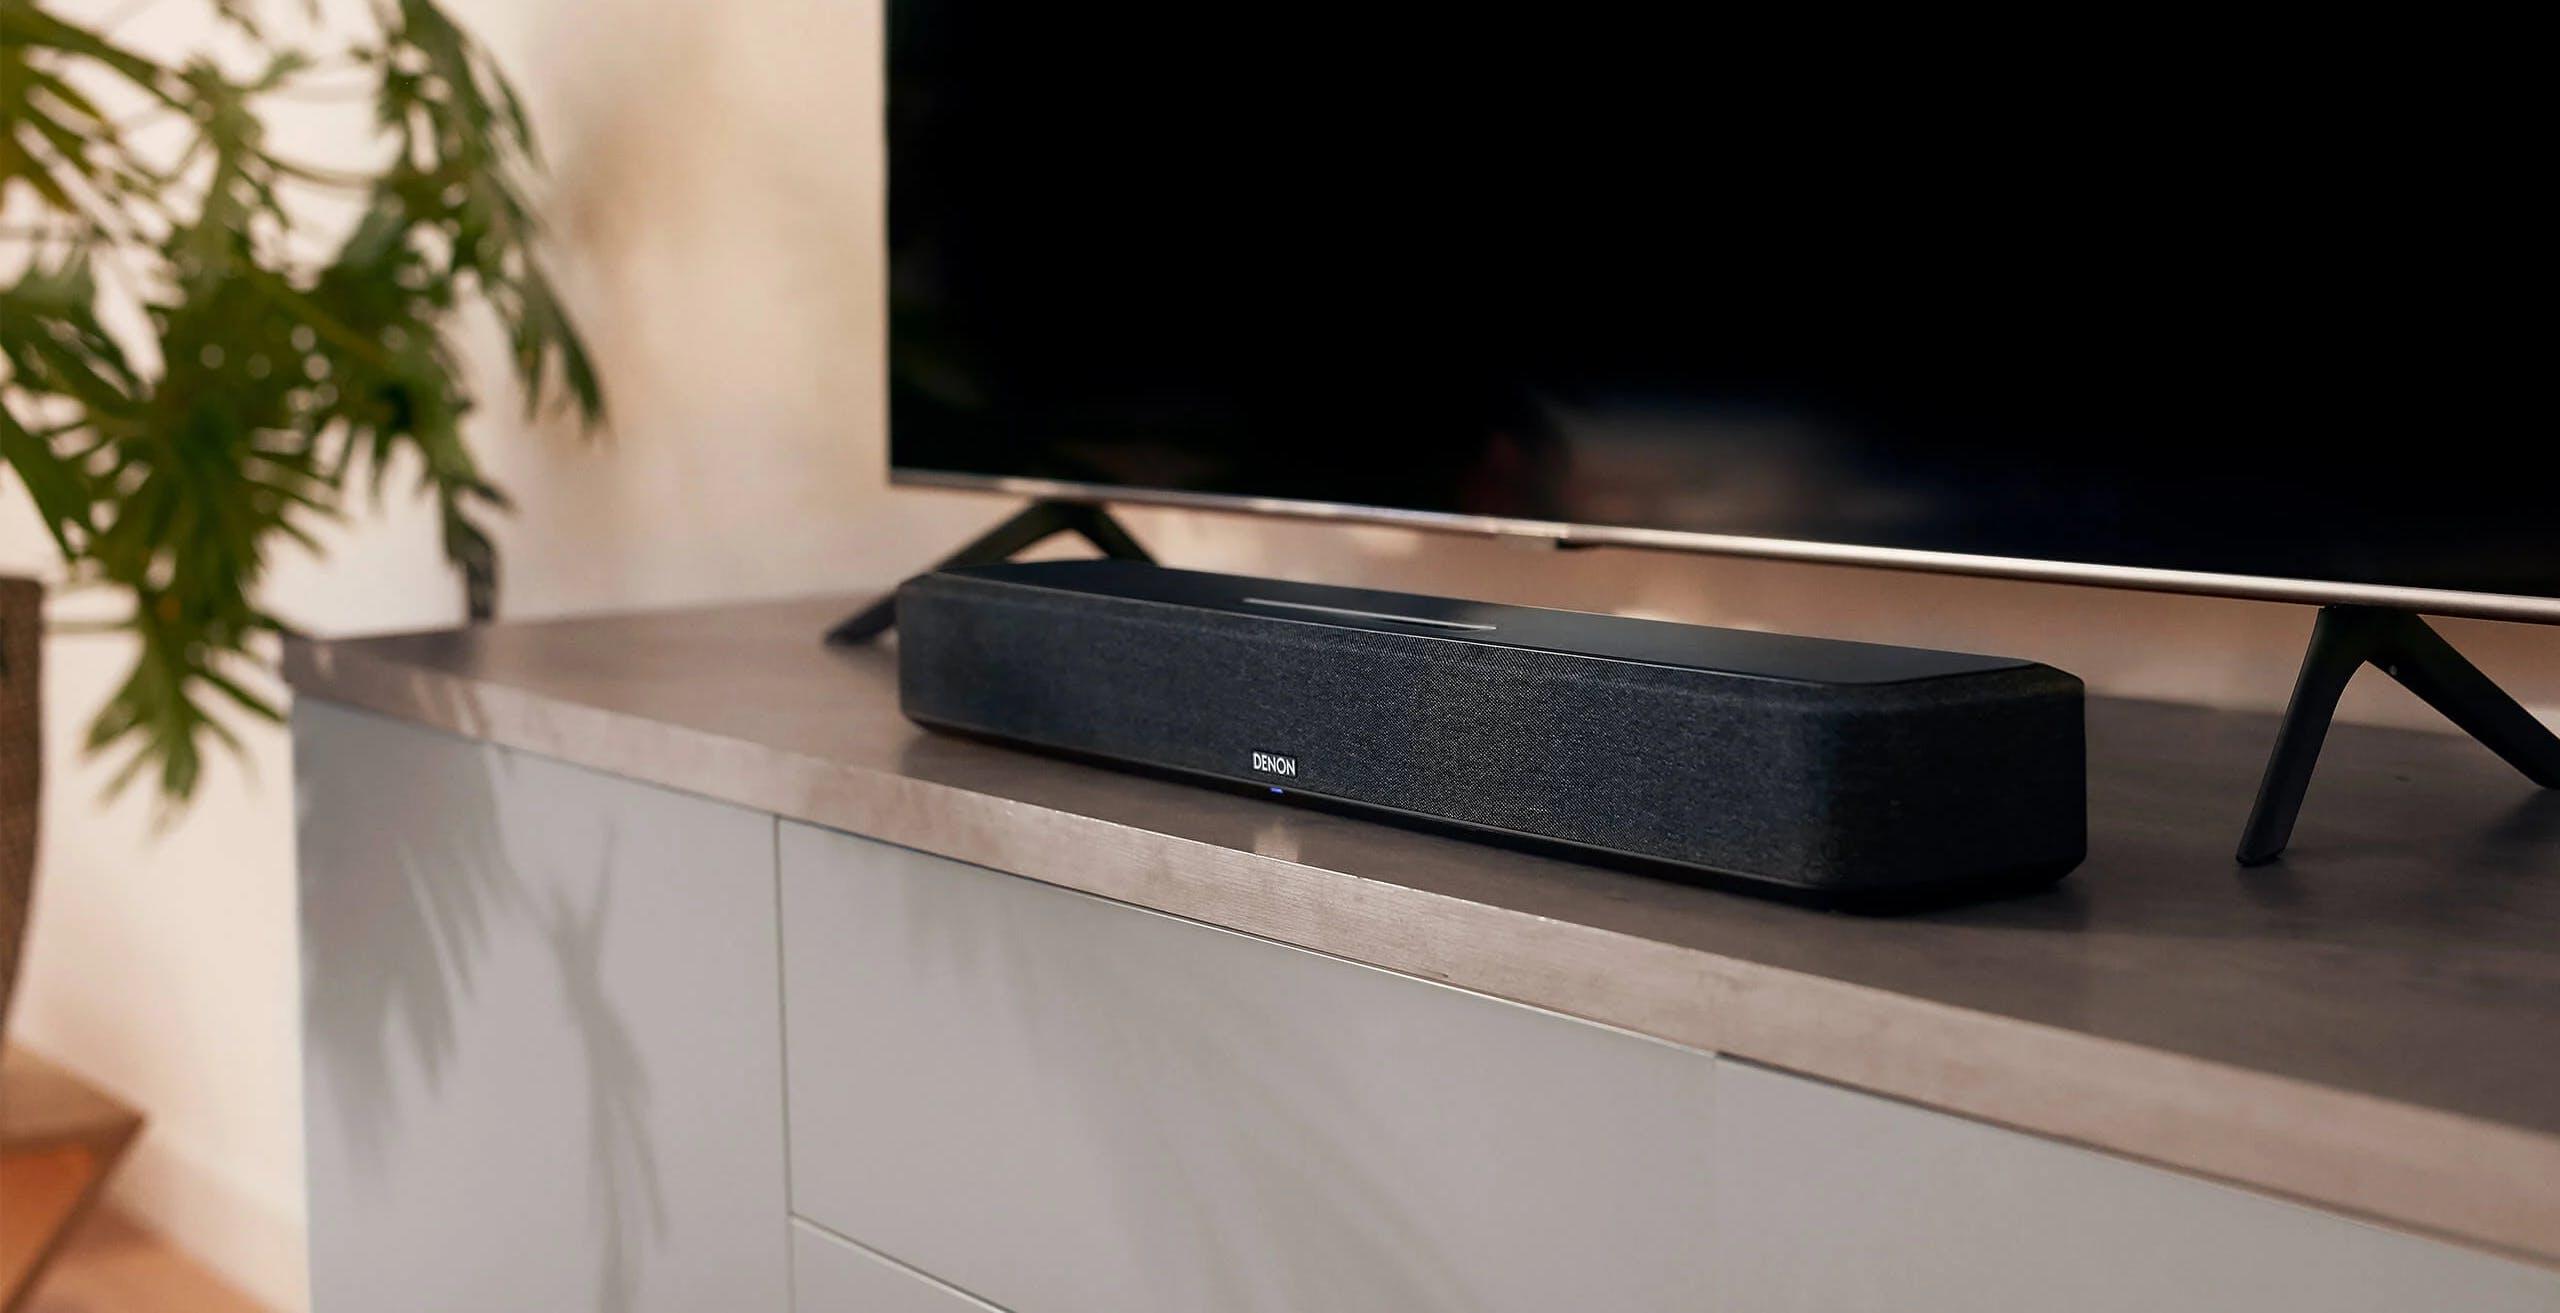 Denon lancia Home Sound Bar 550, la prima della nuova famiglia multiroom con Dolby Atmos e AirPlay 2